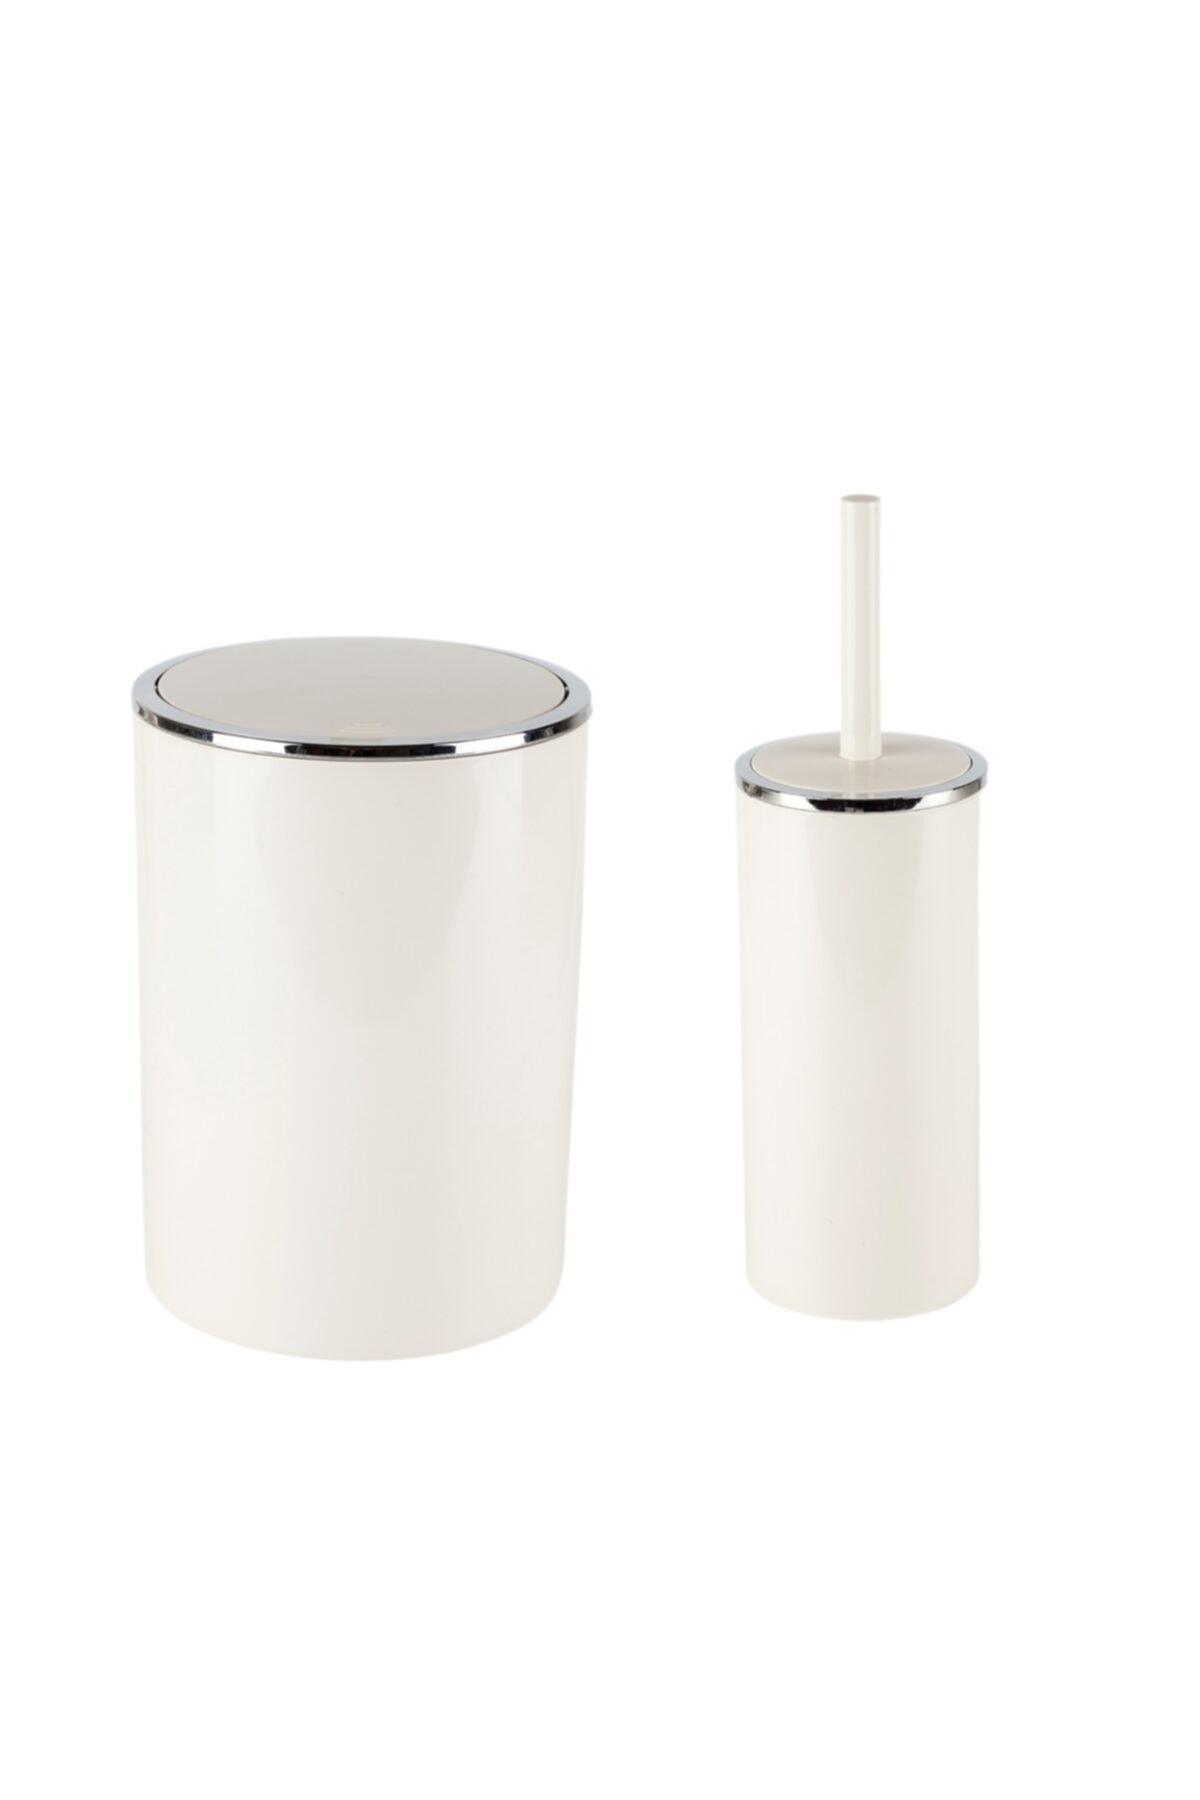 Lenox Çöp Kovası + Tuvalet 2'li Set Bej